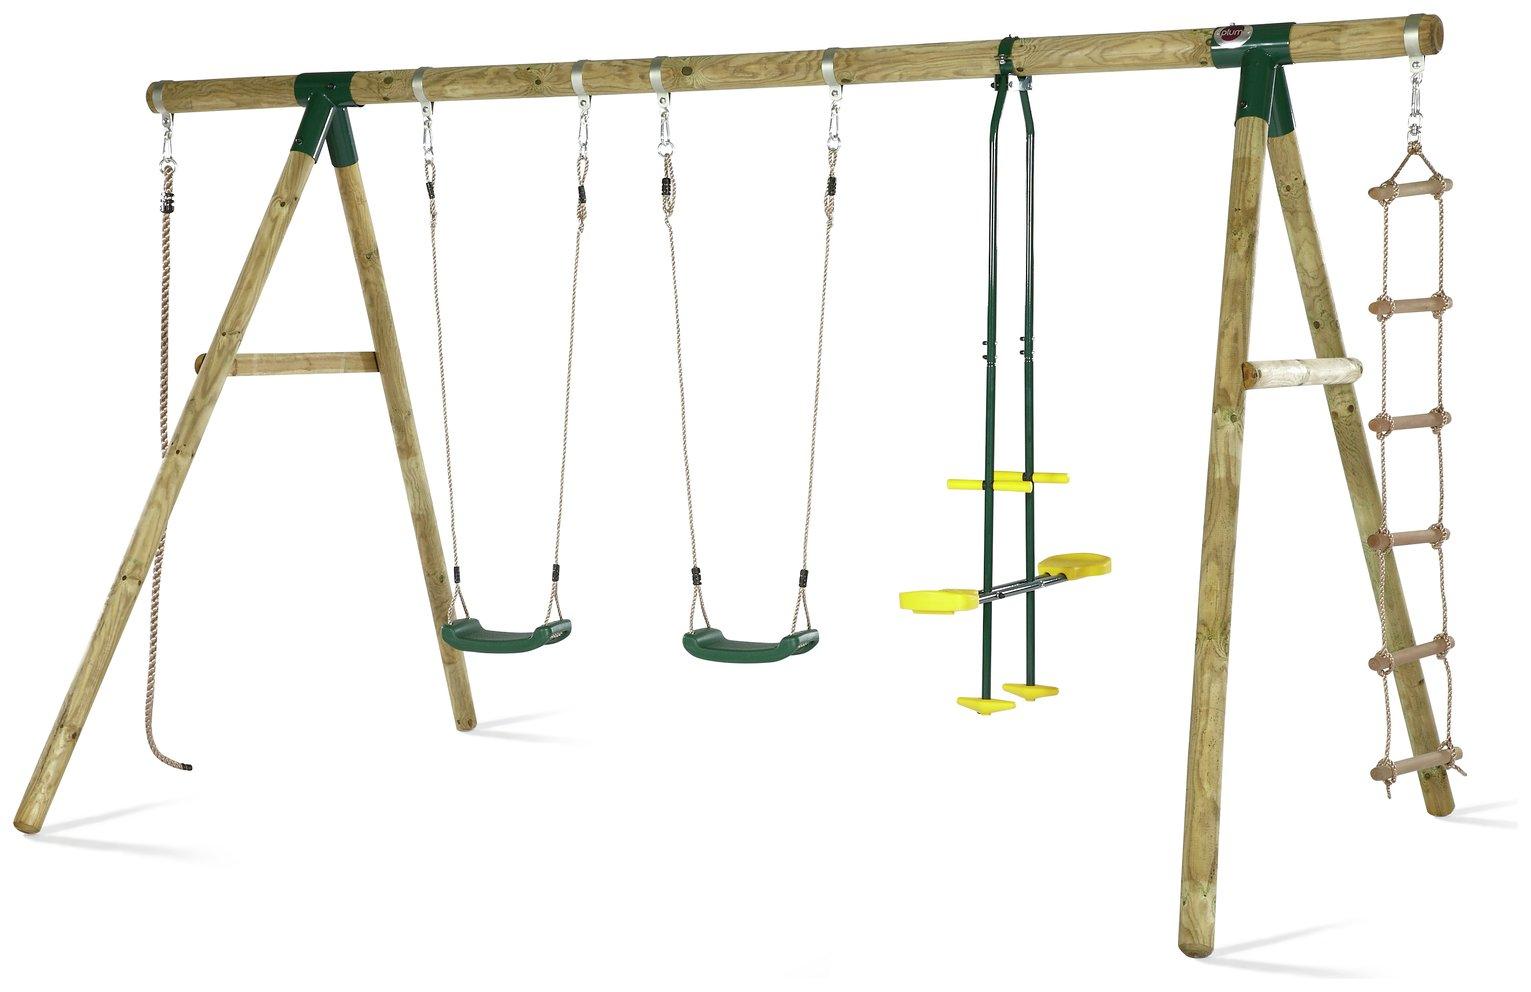 Plum Orang Utan Wooden Garden Swing Set.